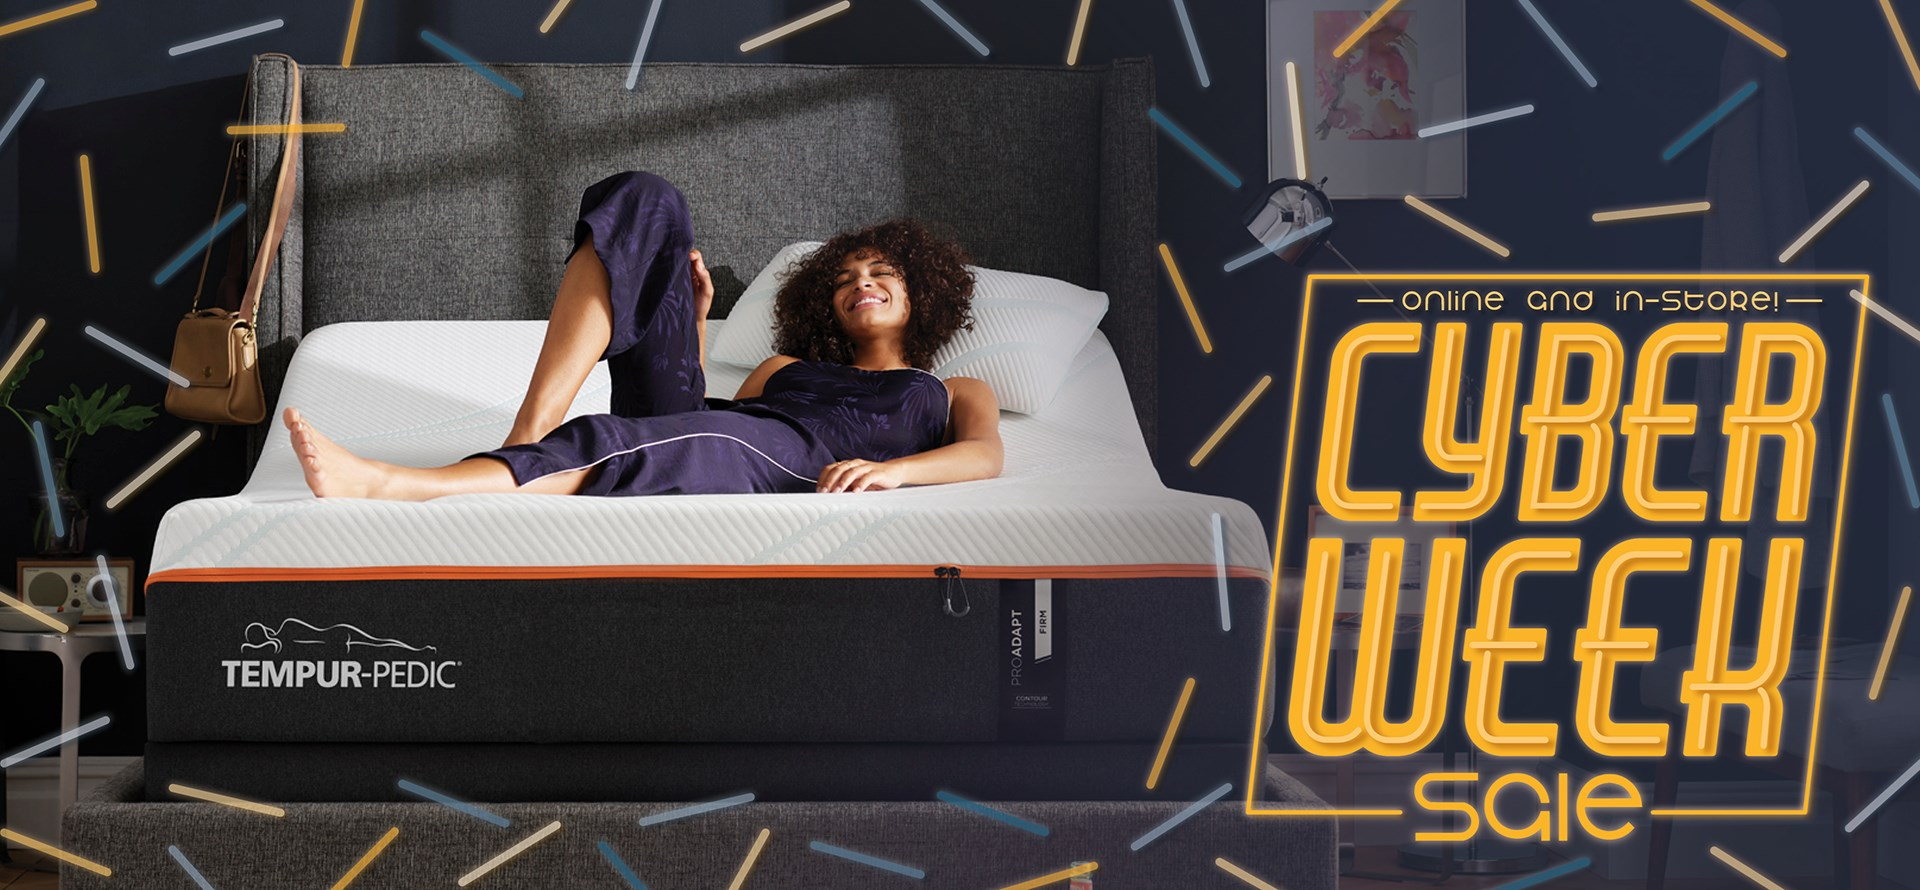 Furniture & ApplianceMart Cyber Week Sale